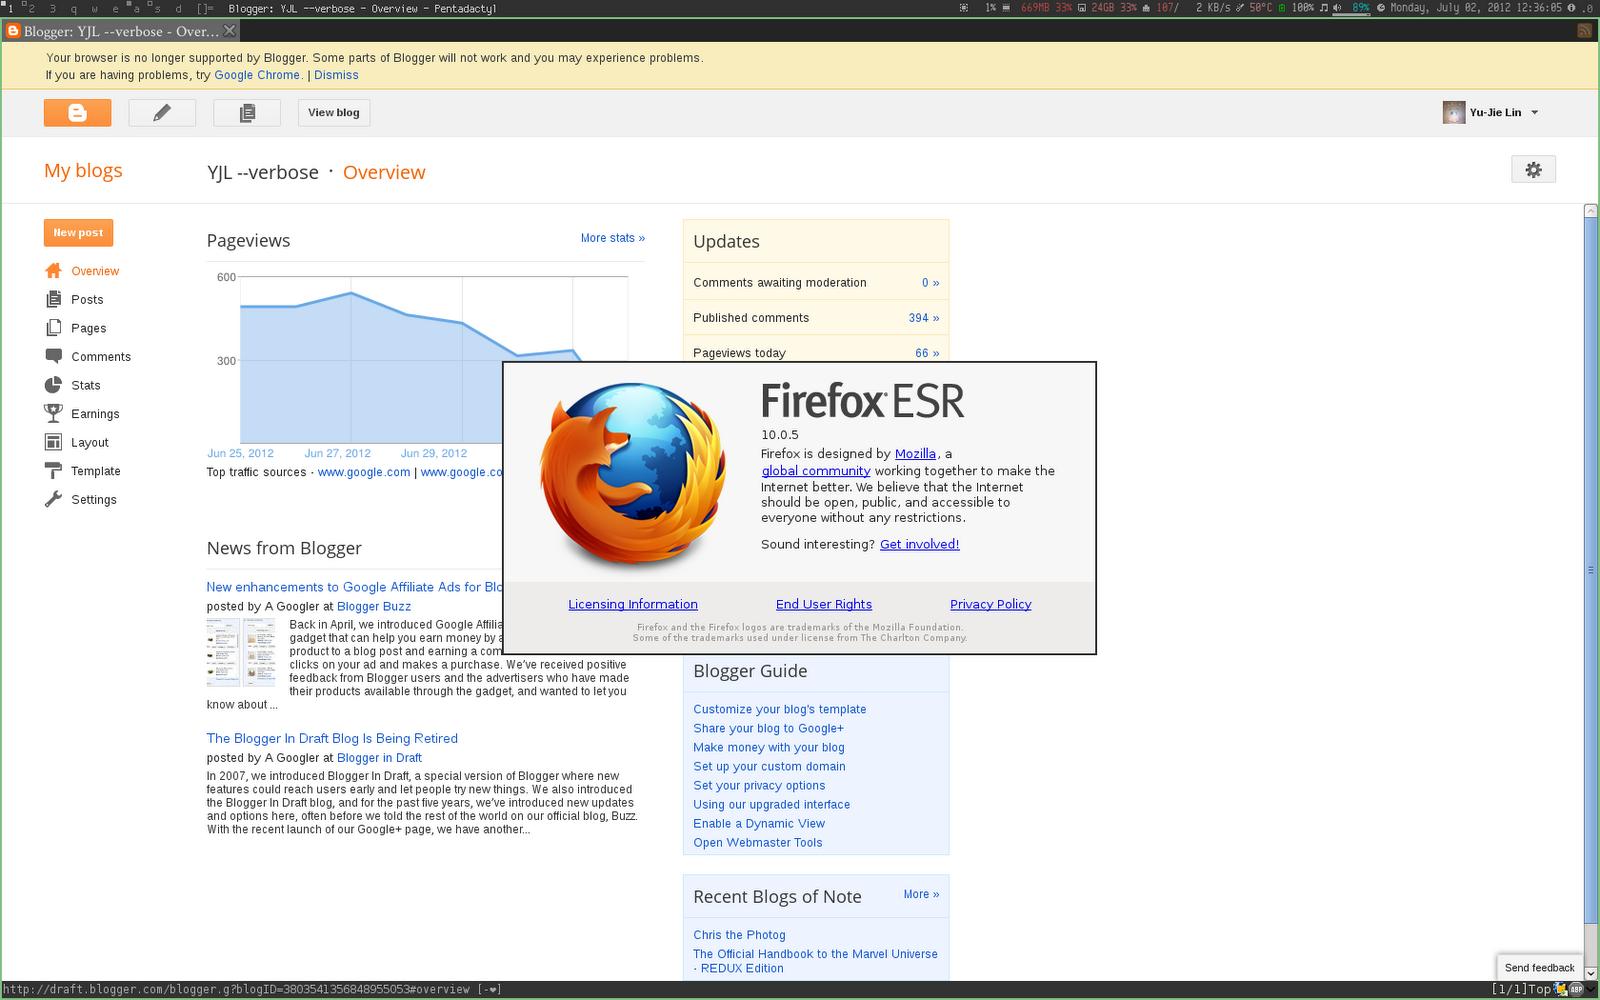 YJL: Blogger and Firefox ESR